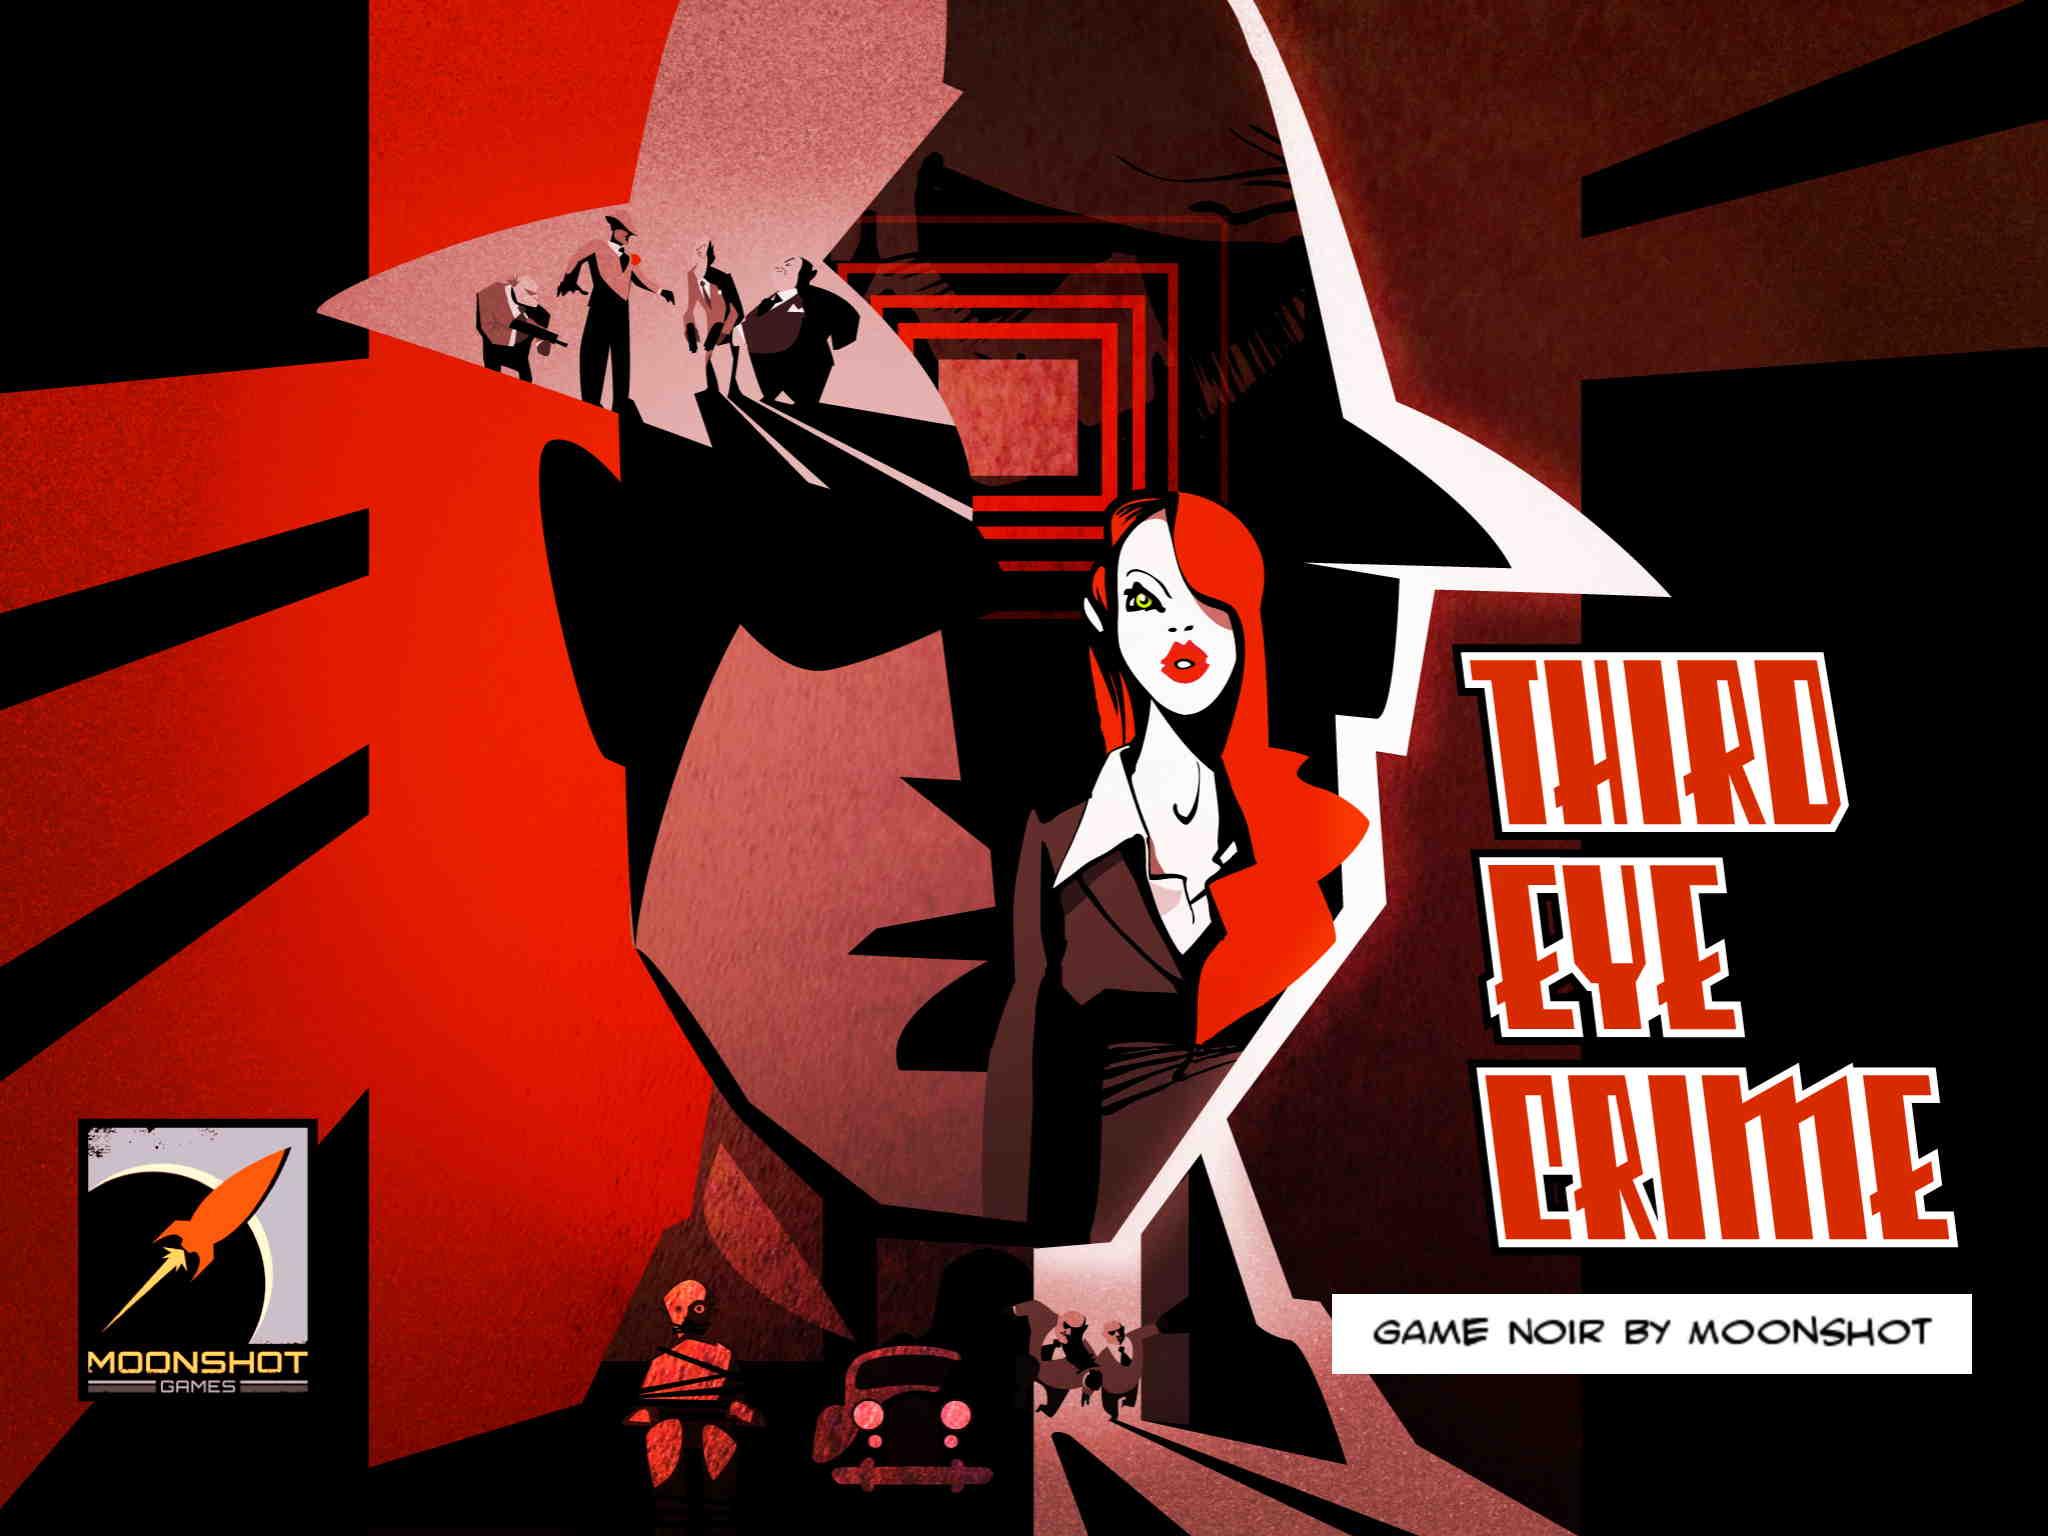 Third_Eye Crime_01